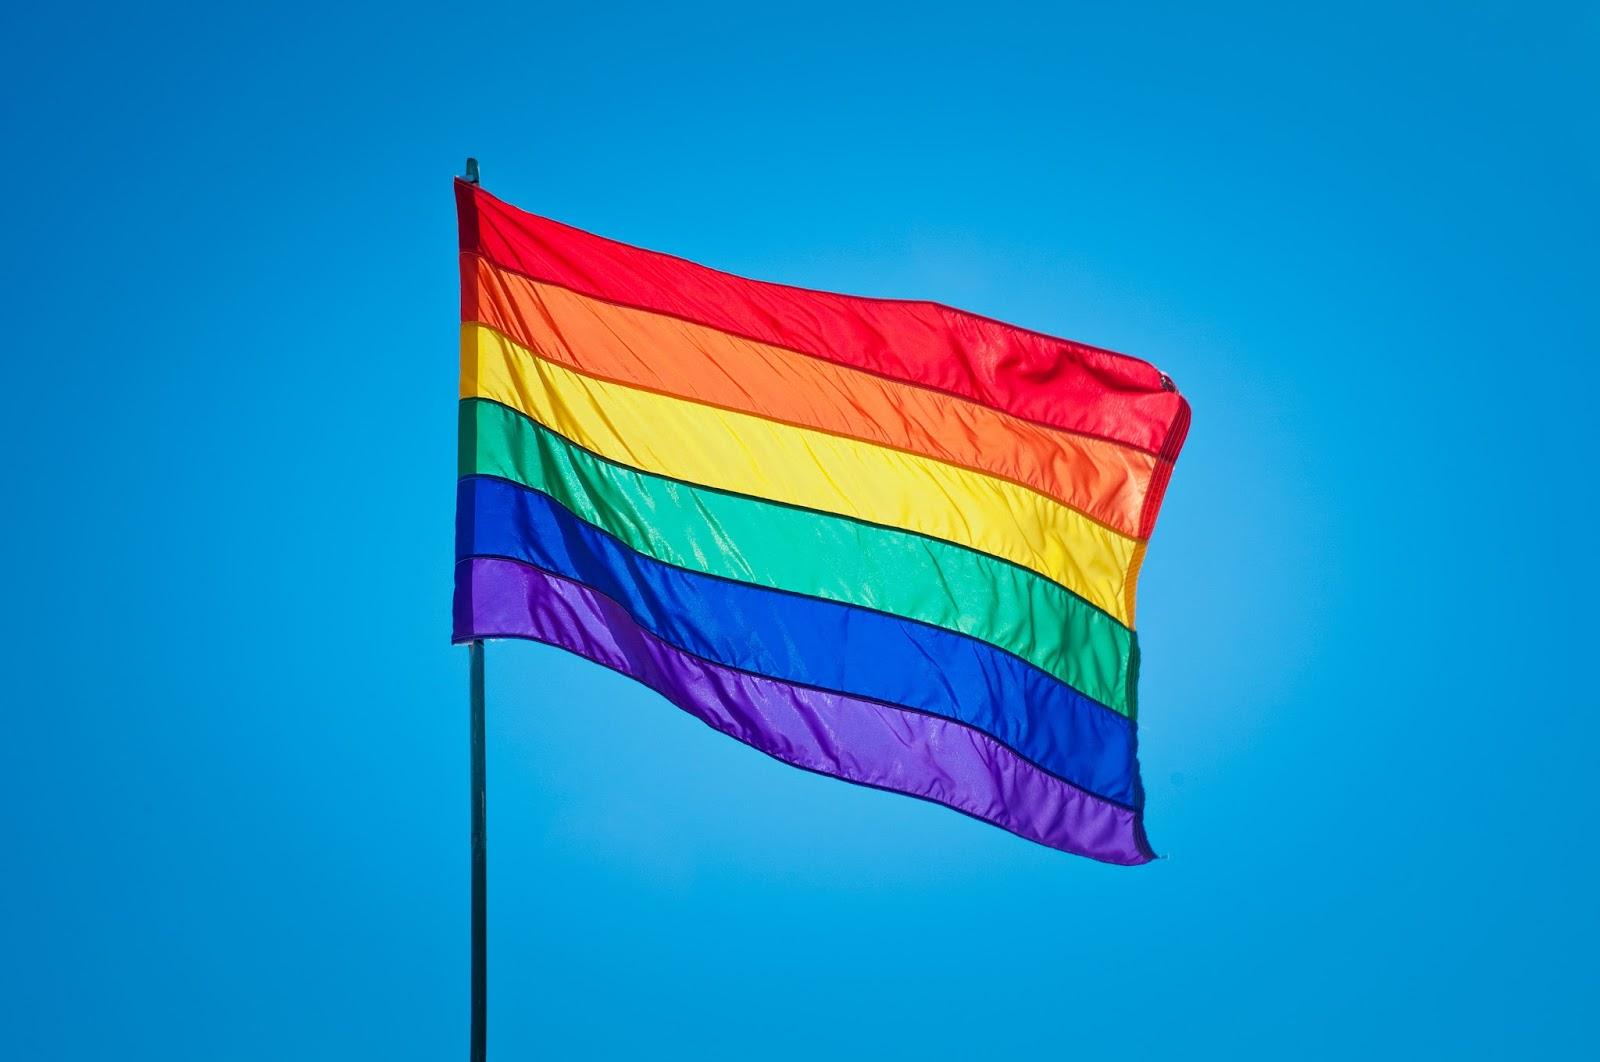 A história por trás da bandeira arco-íris, símbolo do orgulho LGBT